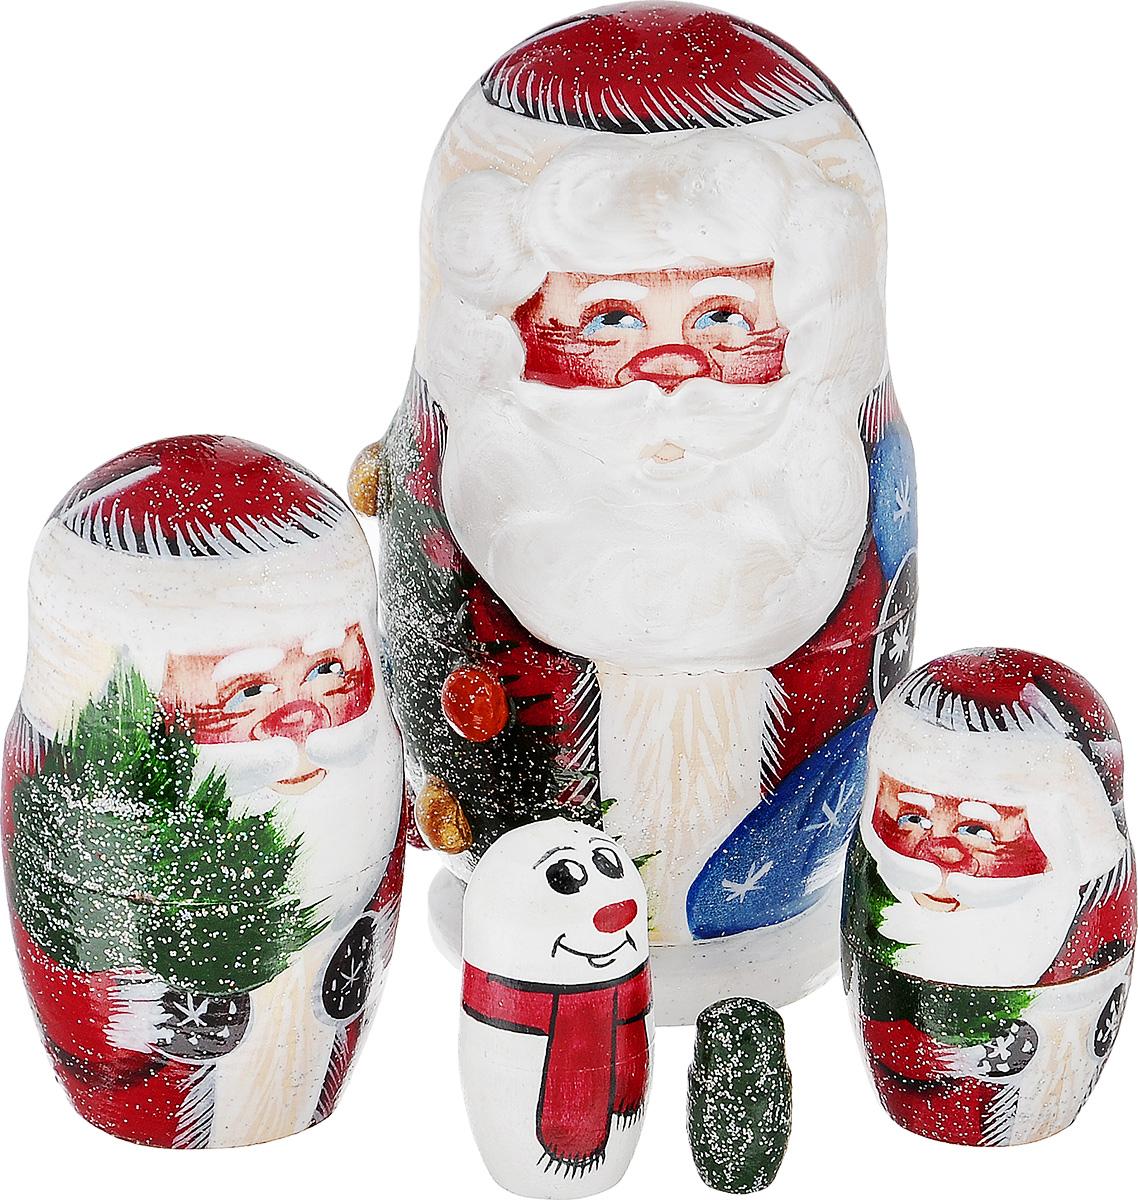 Набор игрушек-матрешек Василиса Дед Мороз, 5 мест, высота 10 см. Ручная работа утюг supra is 2602c